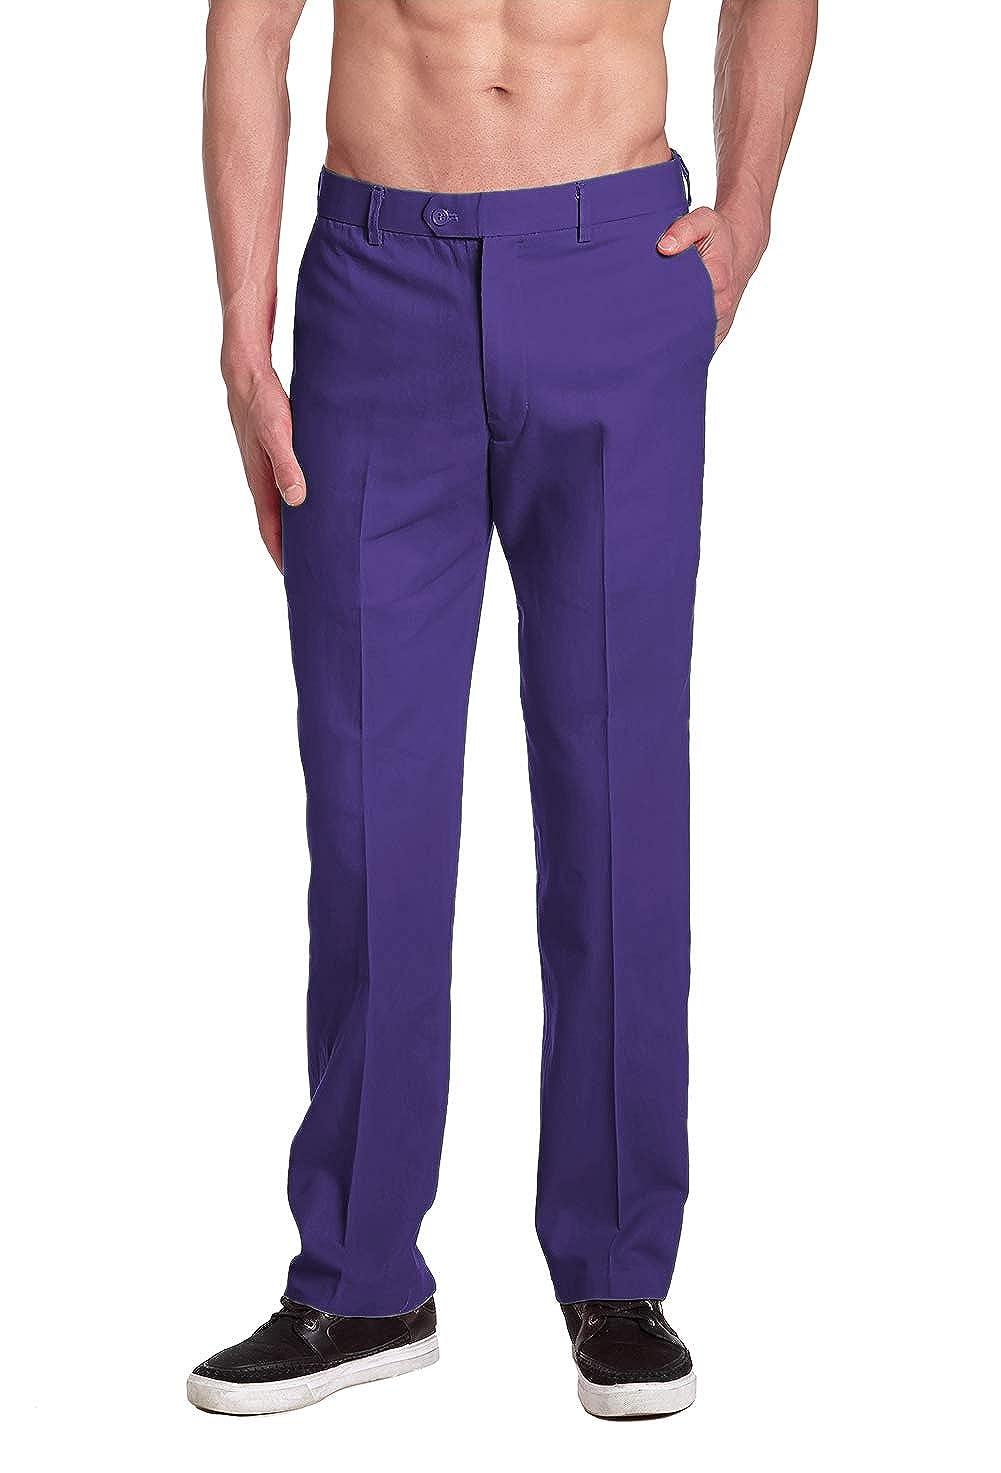 Amazon.com: CONCITOR Brand - Pantalones de algodón para ...